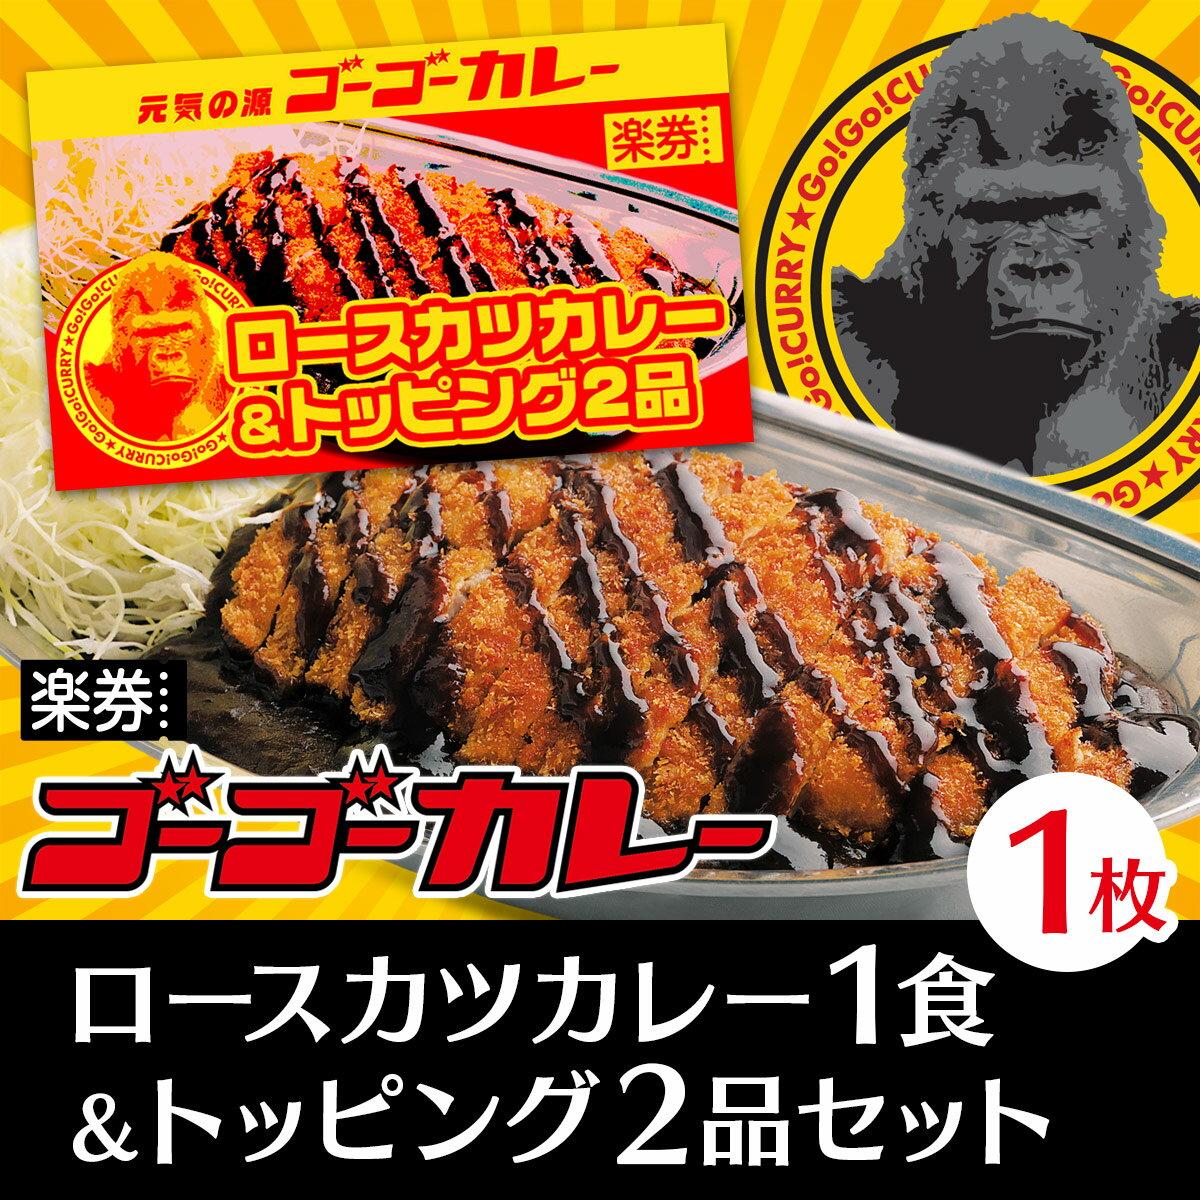 【楽券】ゴーゴーカレー ロースカツカレー(エコノミーサイズ)1食 + トッピング2品セット券 1枚 1000円ぽっきり